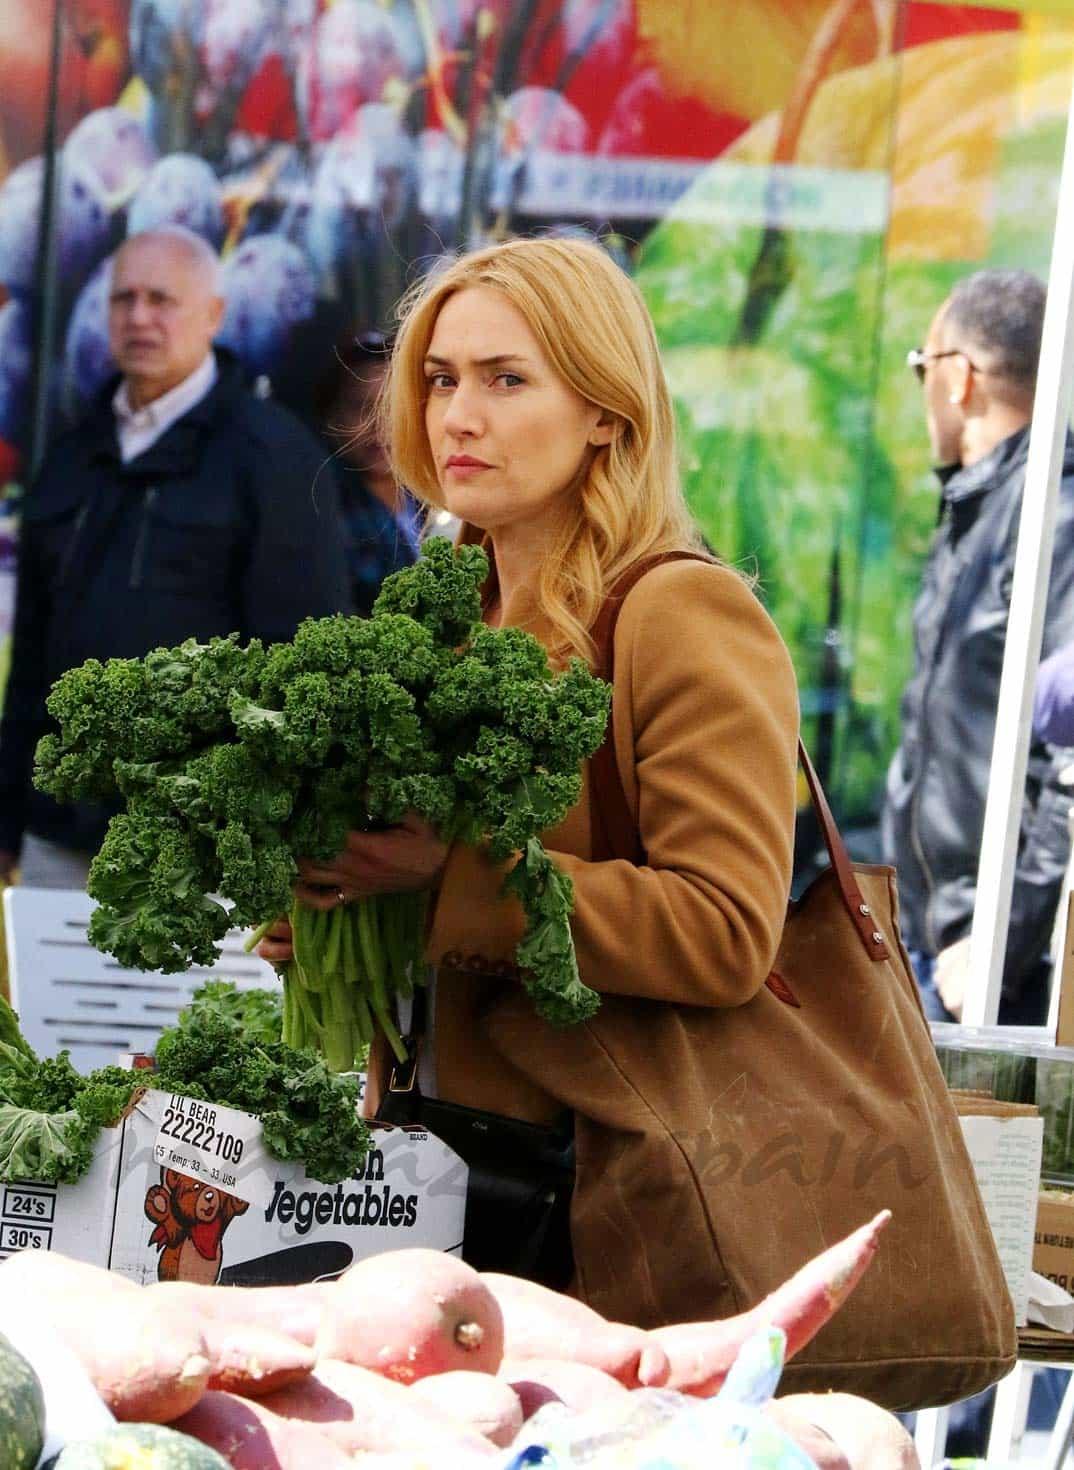 kate winslet comprando kale